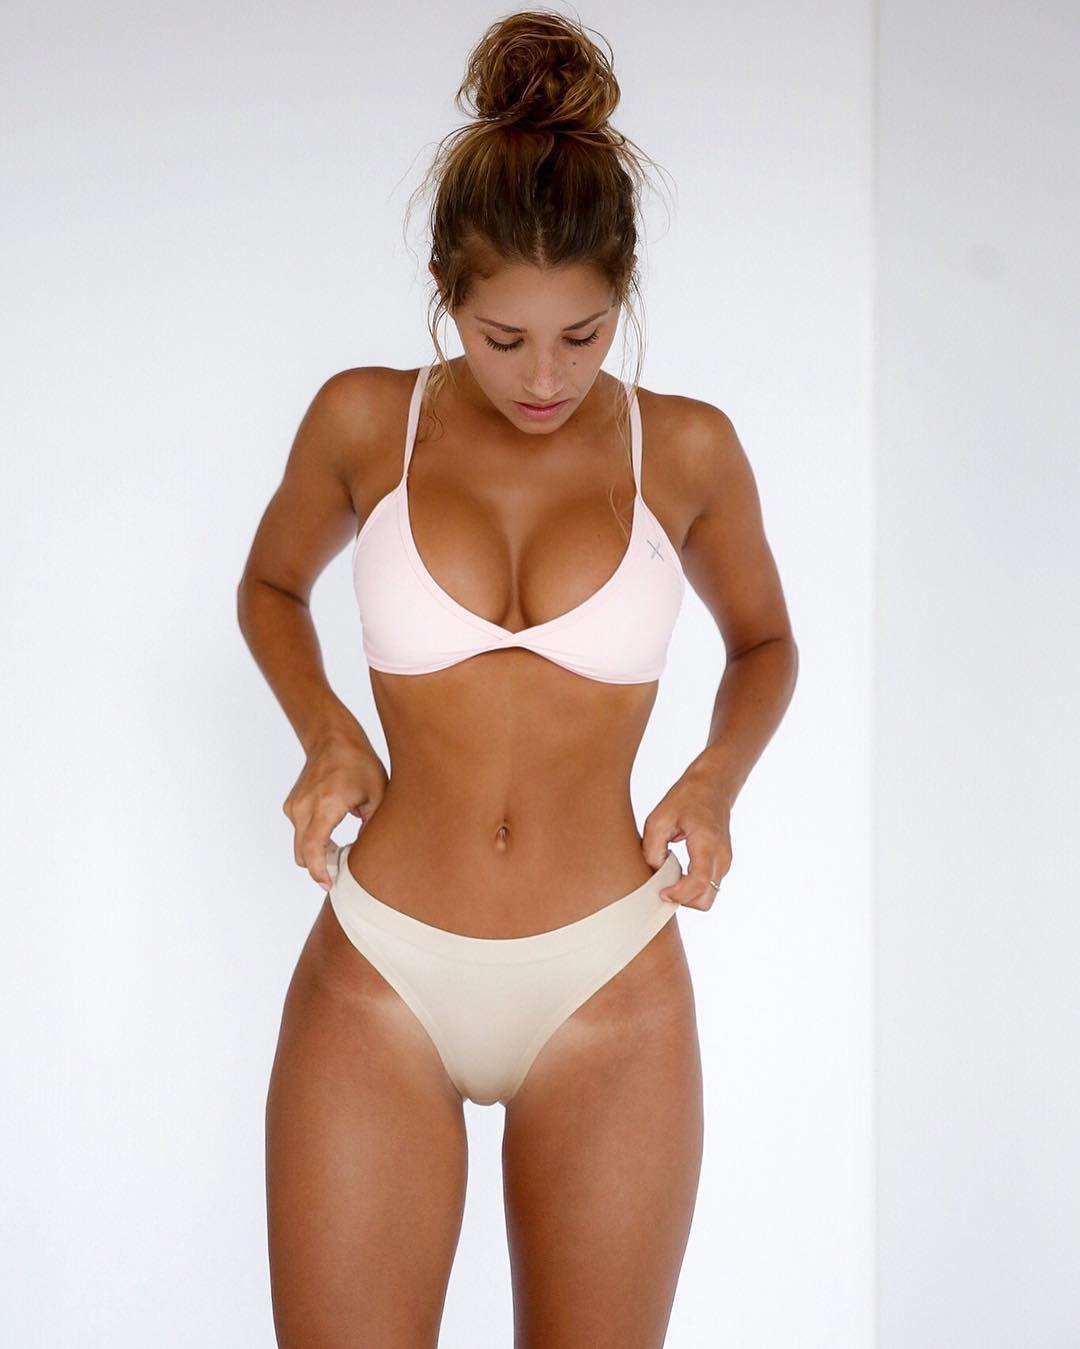 Elizabeth zaks youtube bikini whore Part 5 8